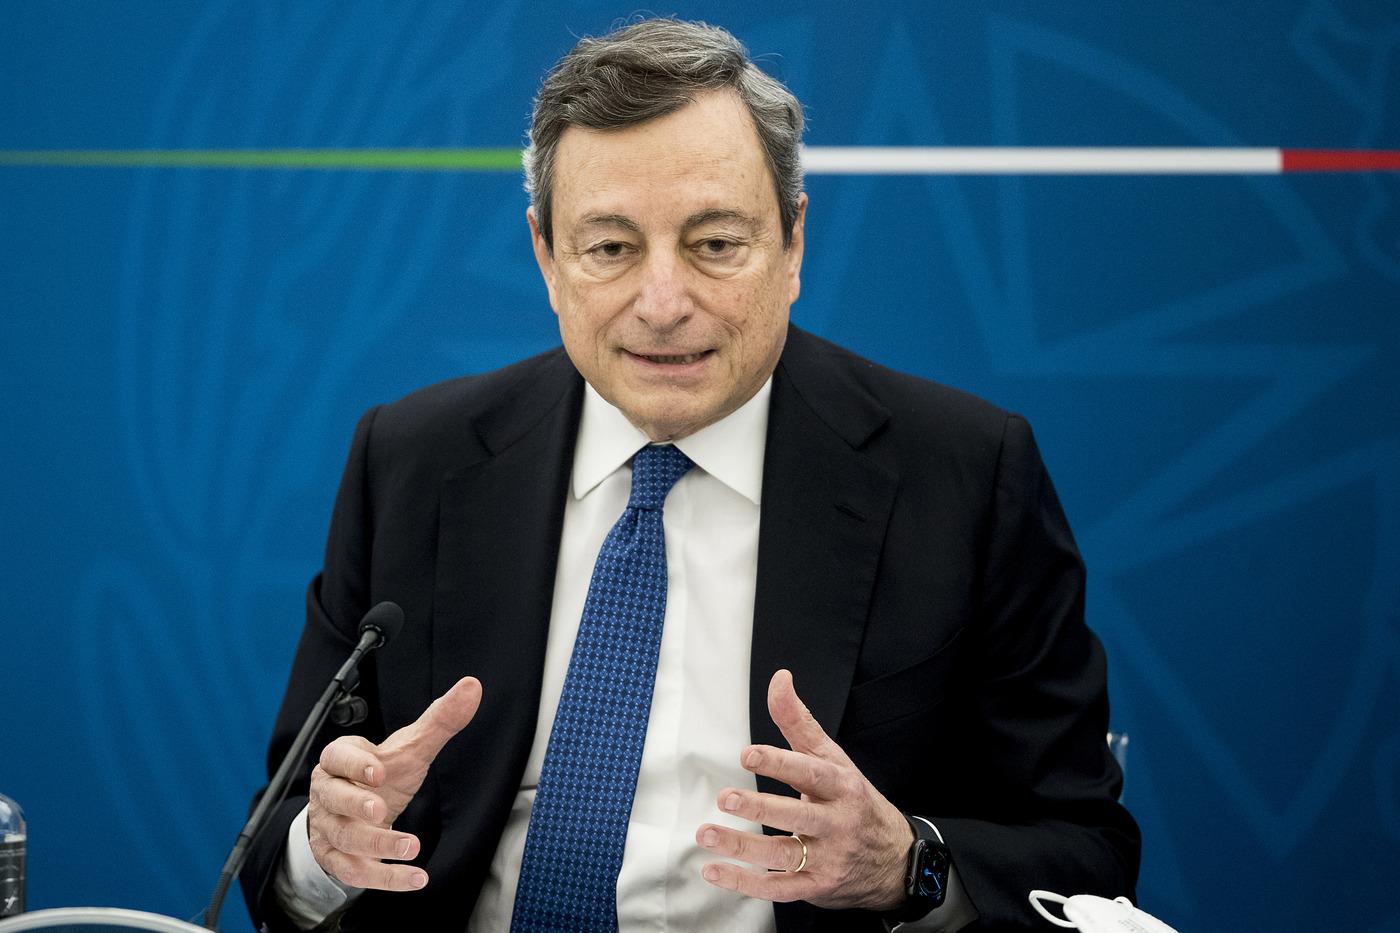 Conferenza stampa del Presidente del Consiglio Mario Draghi